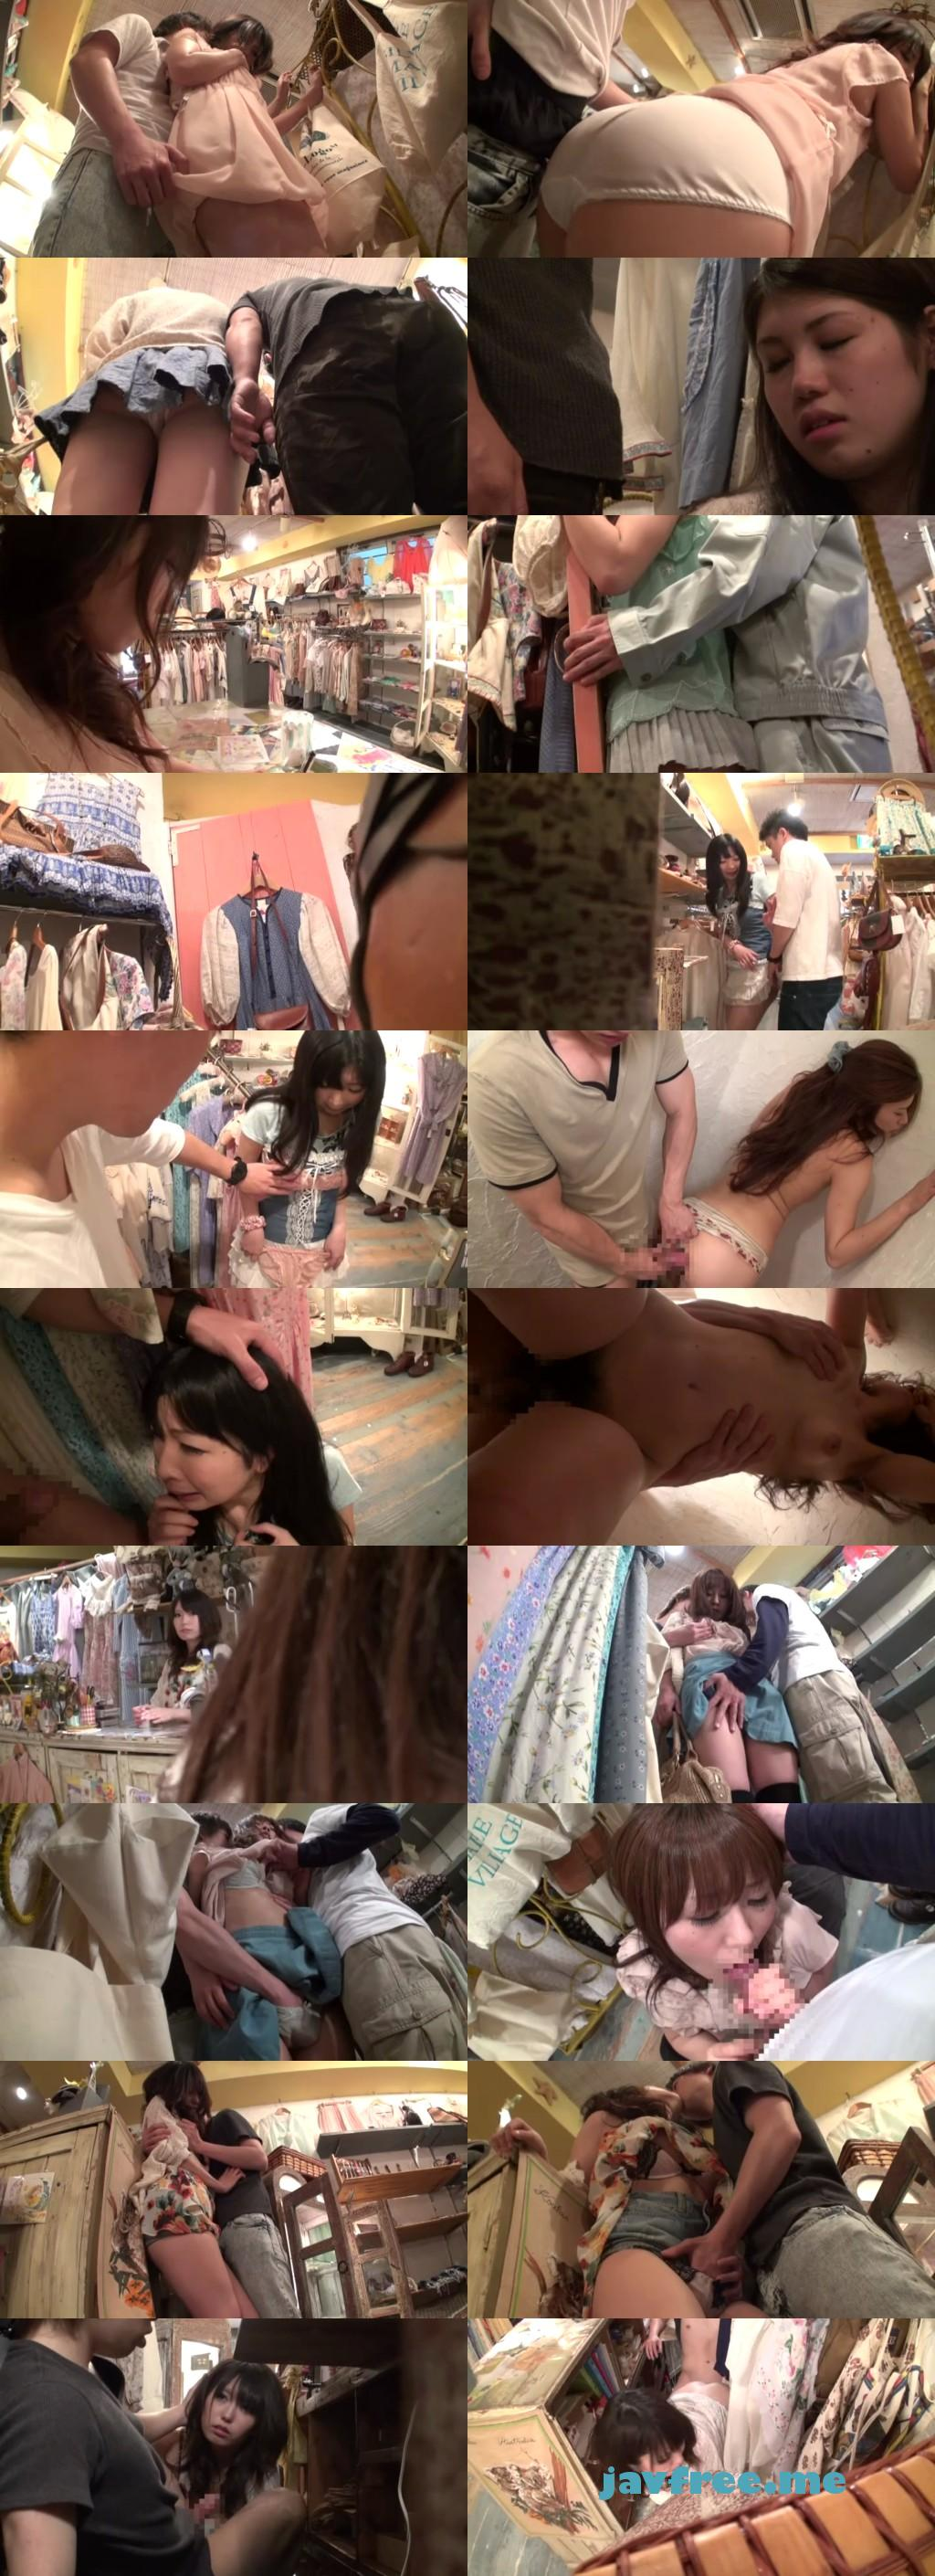 [SW 131] 女の子向けの洋服屋さんで興奮して、勃起チ○ポをコッソリ擦りつけ痴漢したら可愛い女子店員がソノ気になった。 有村千佳 ほか SW